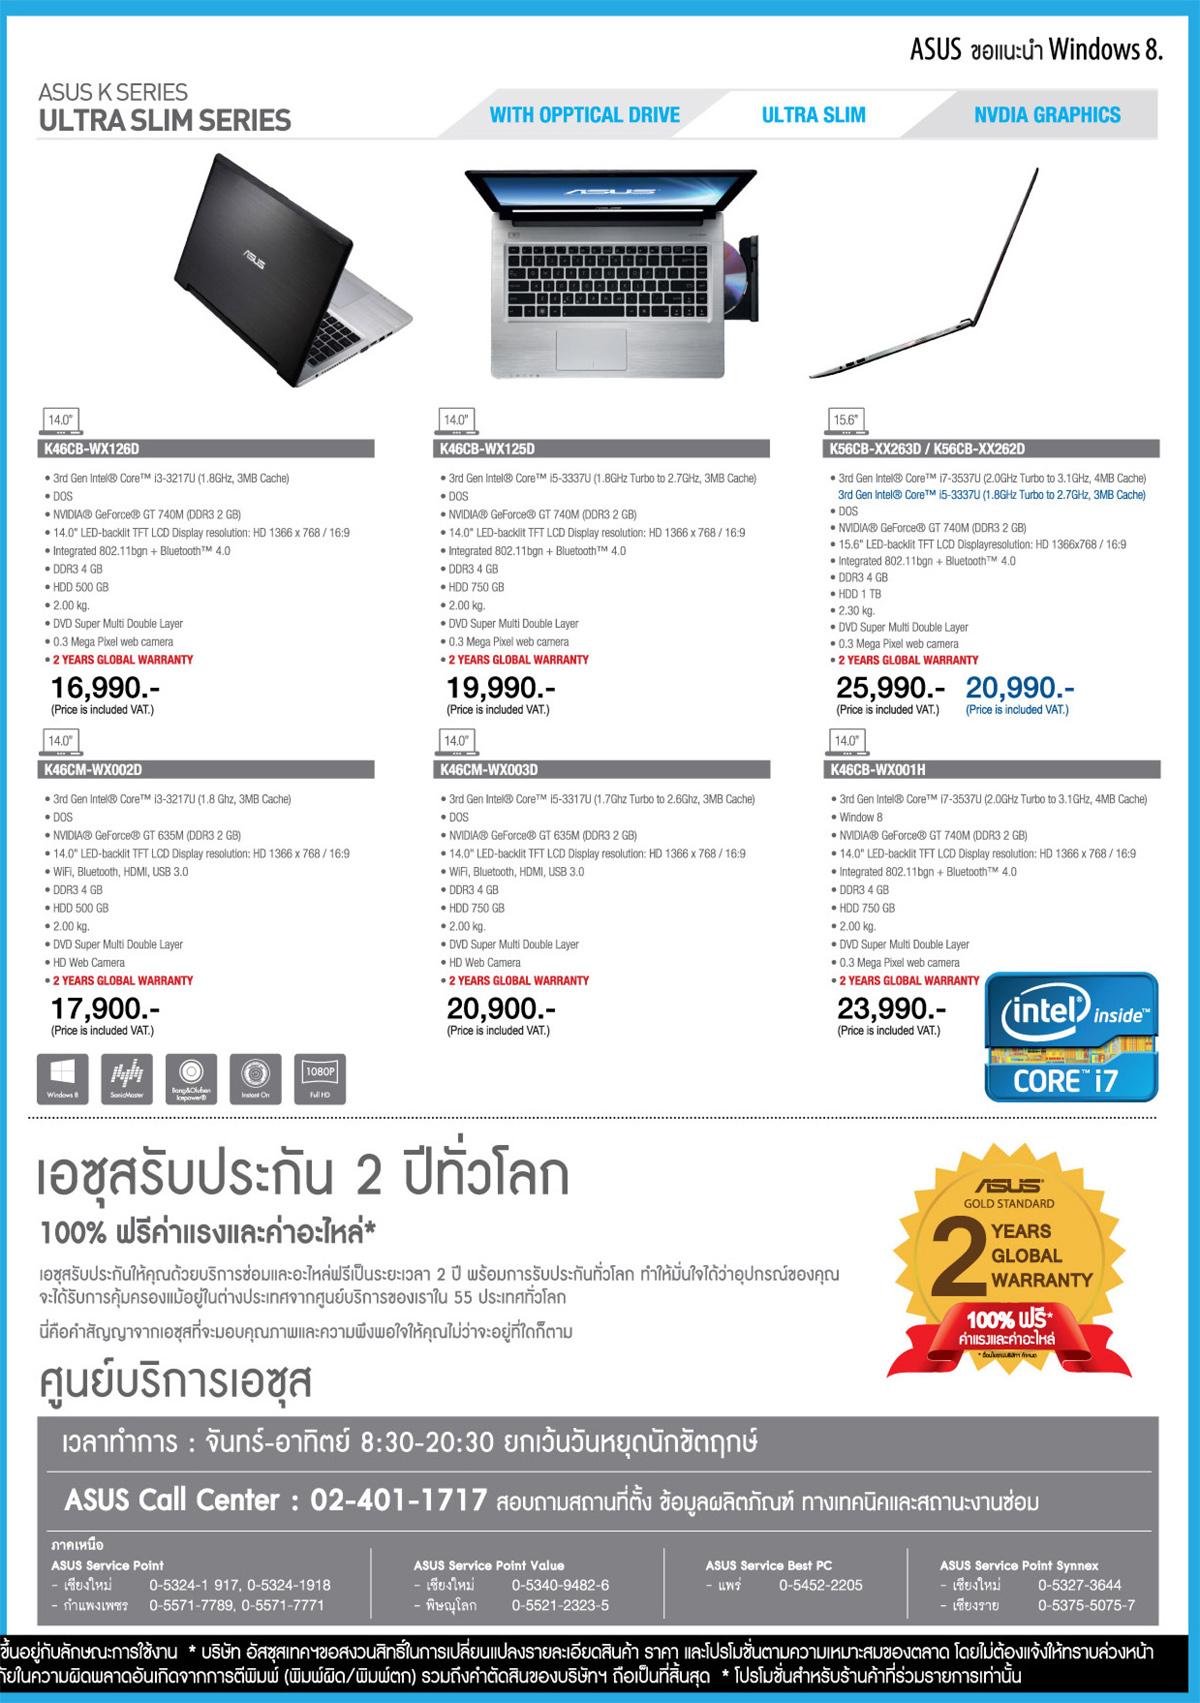 ASUS Leaflet Comp Mobile 2b